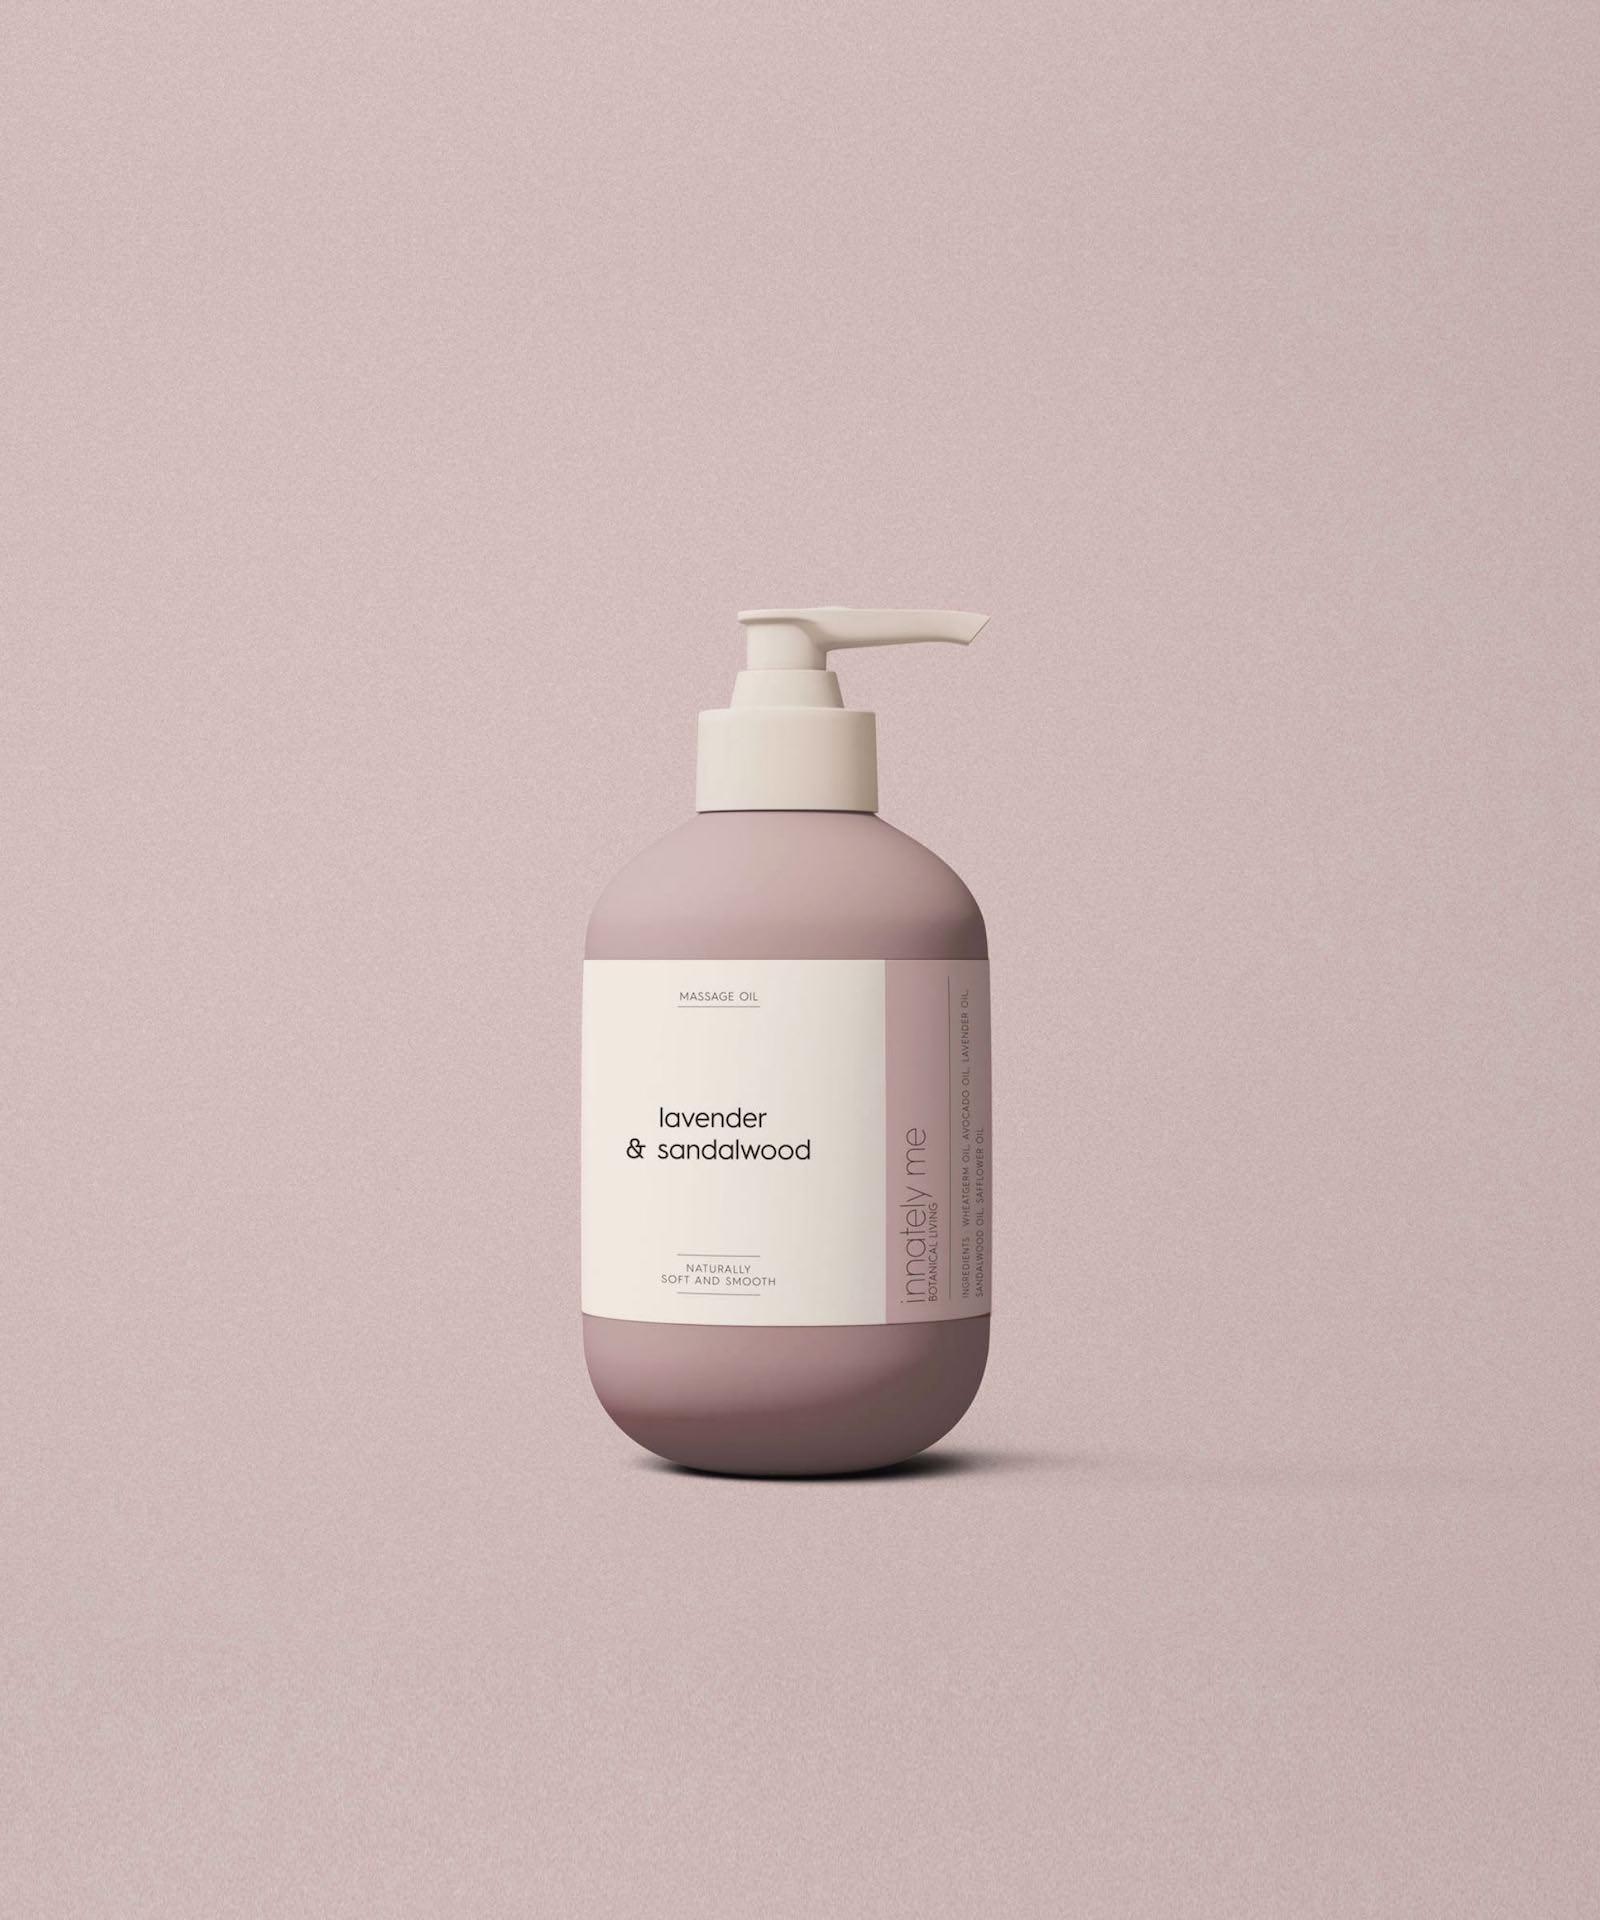 Lavender sandalwood packaging design